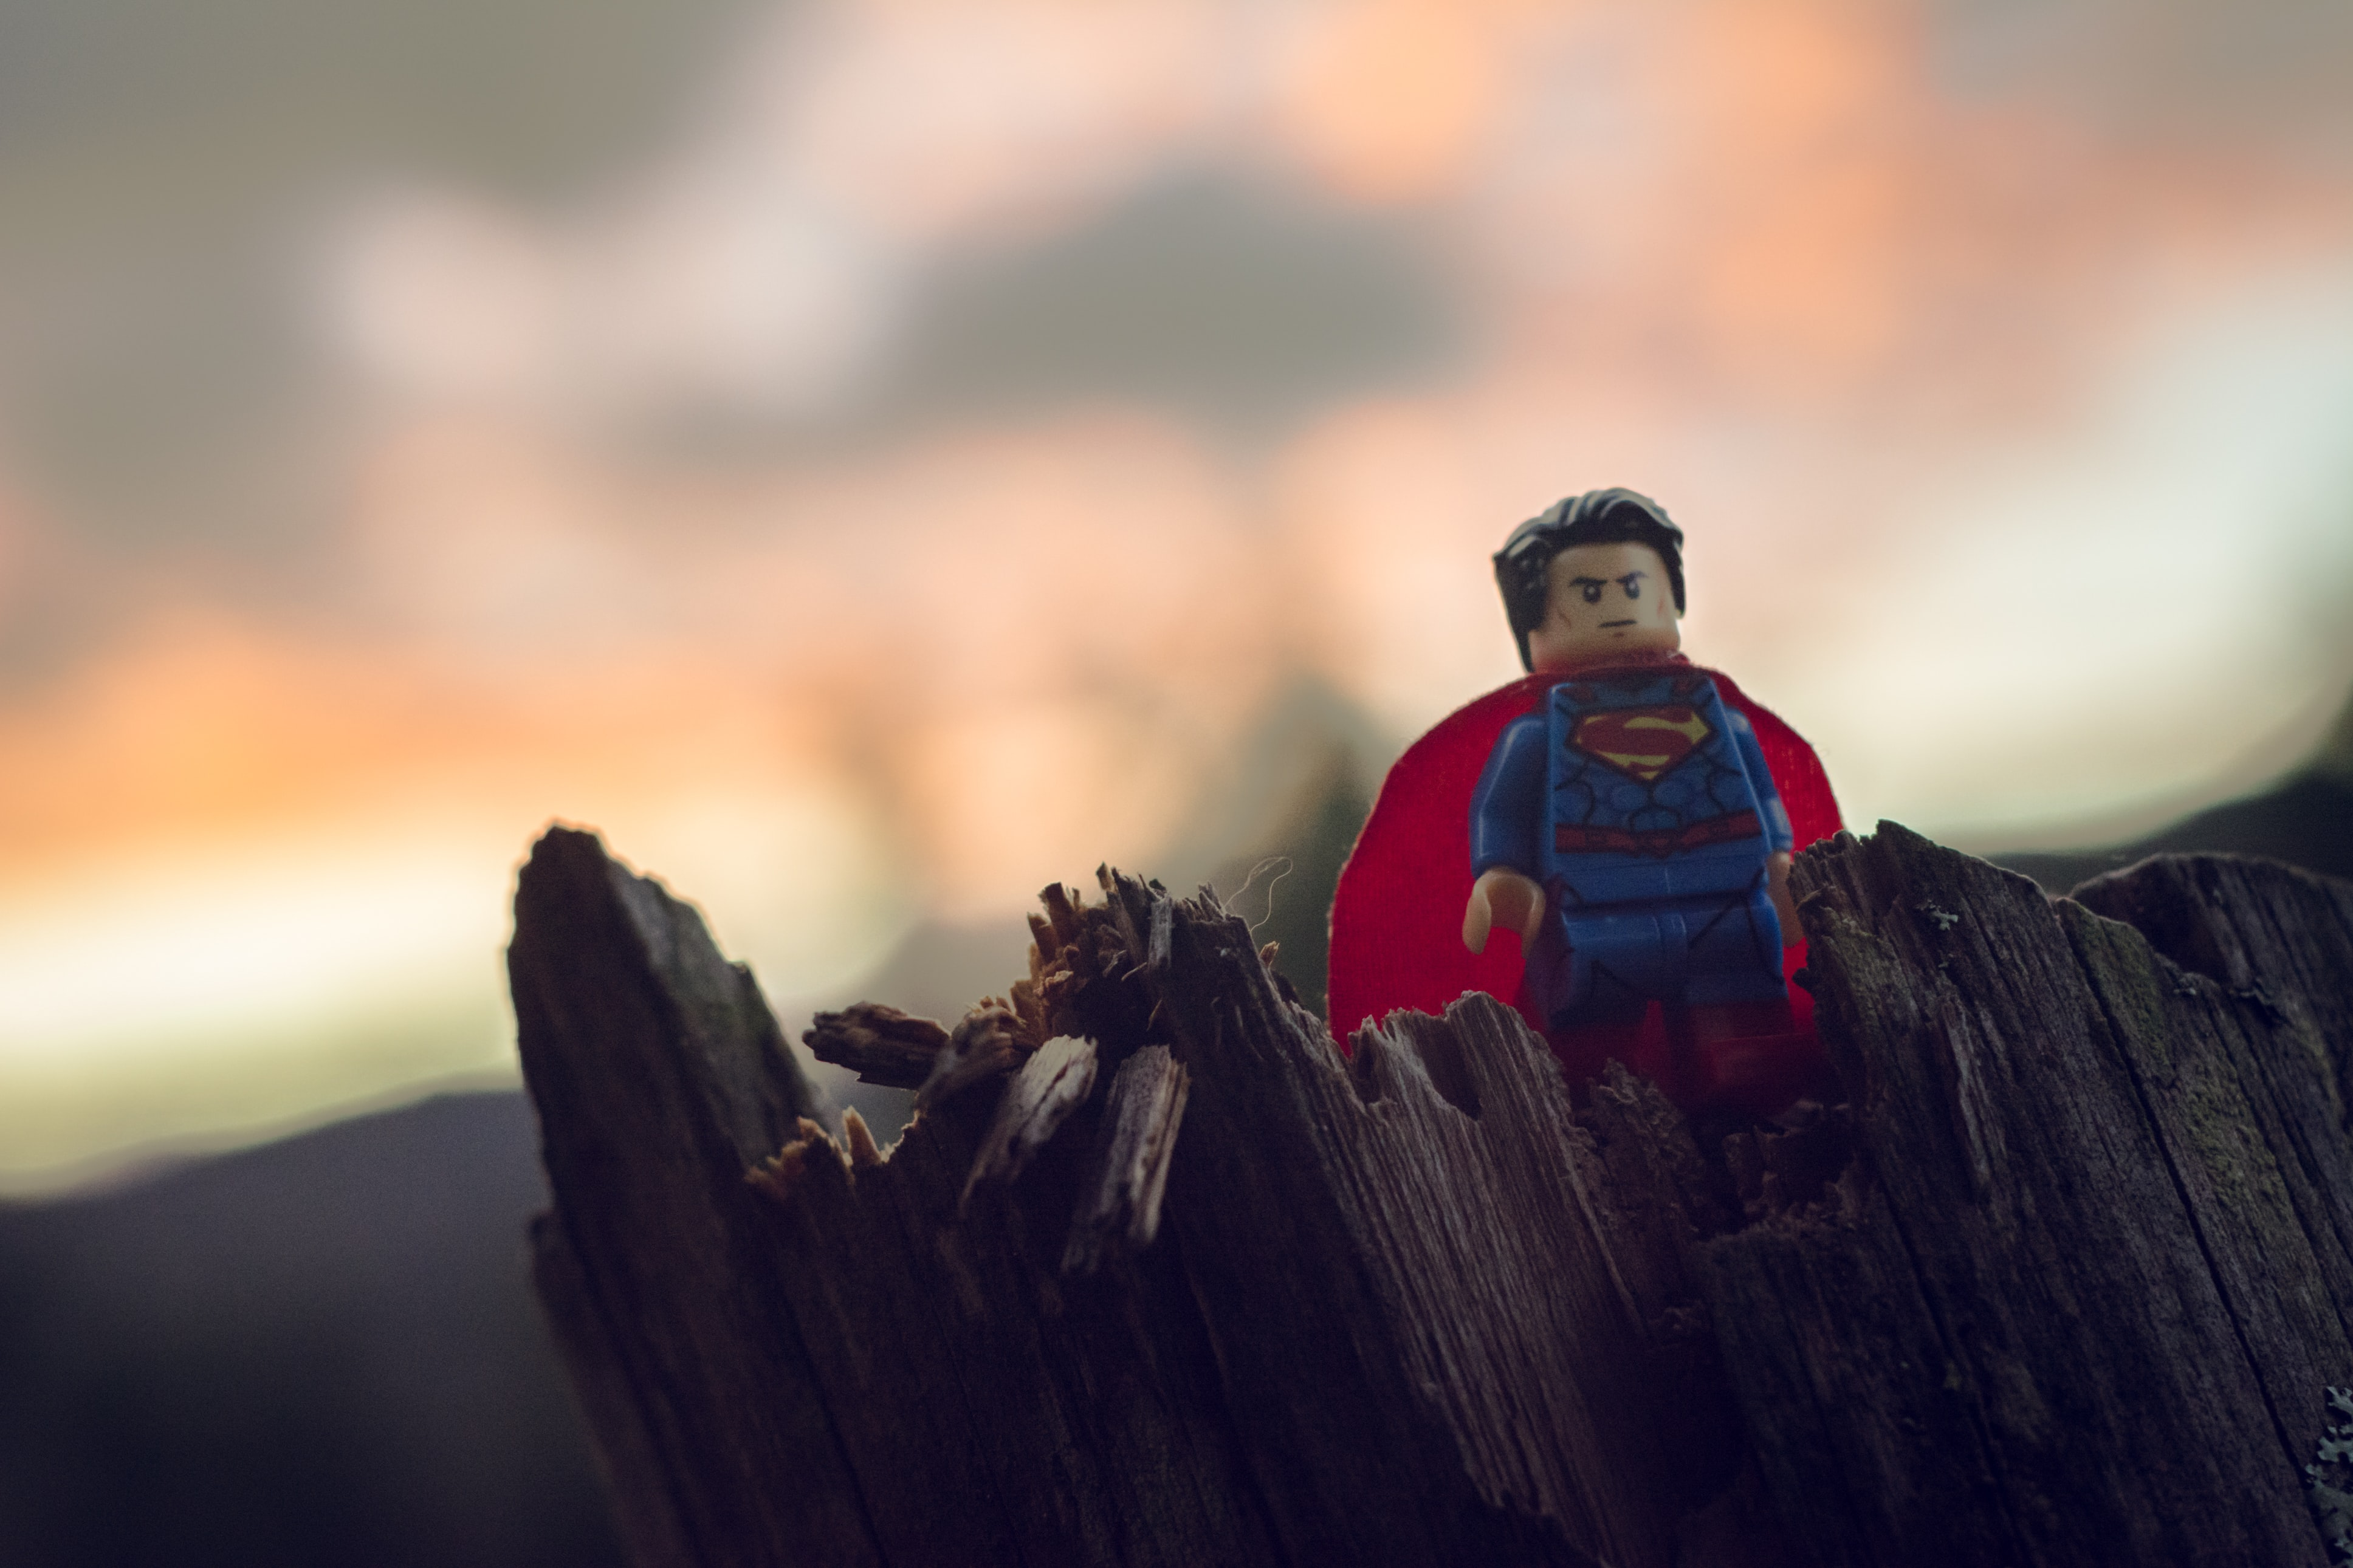 Lego Superman mini figure on tree trunk